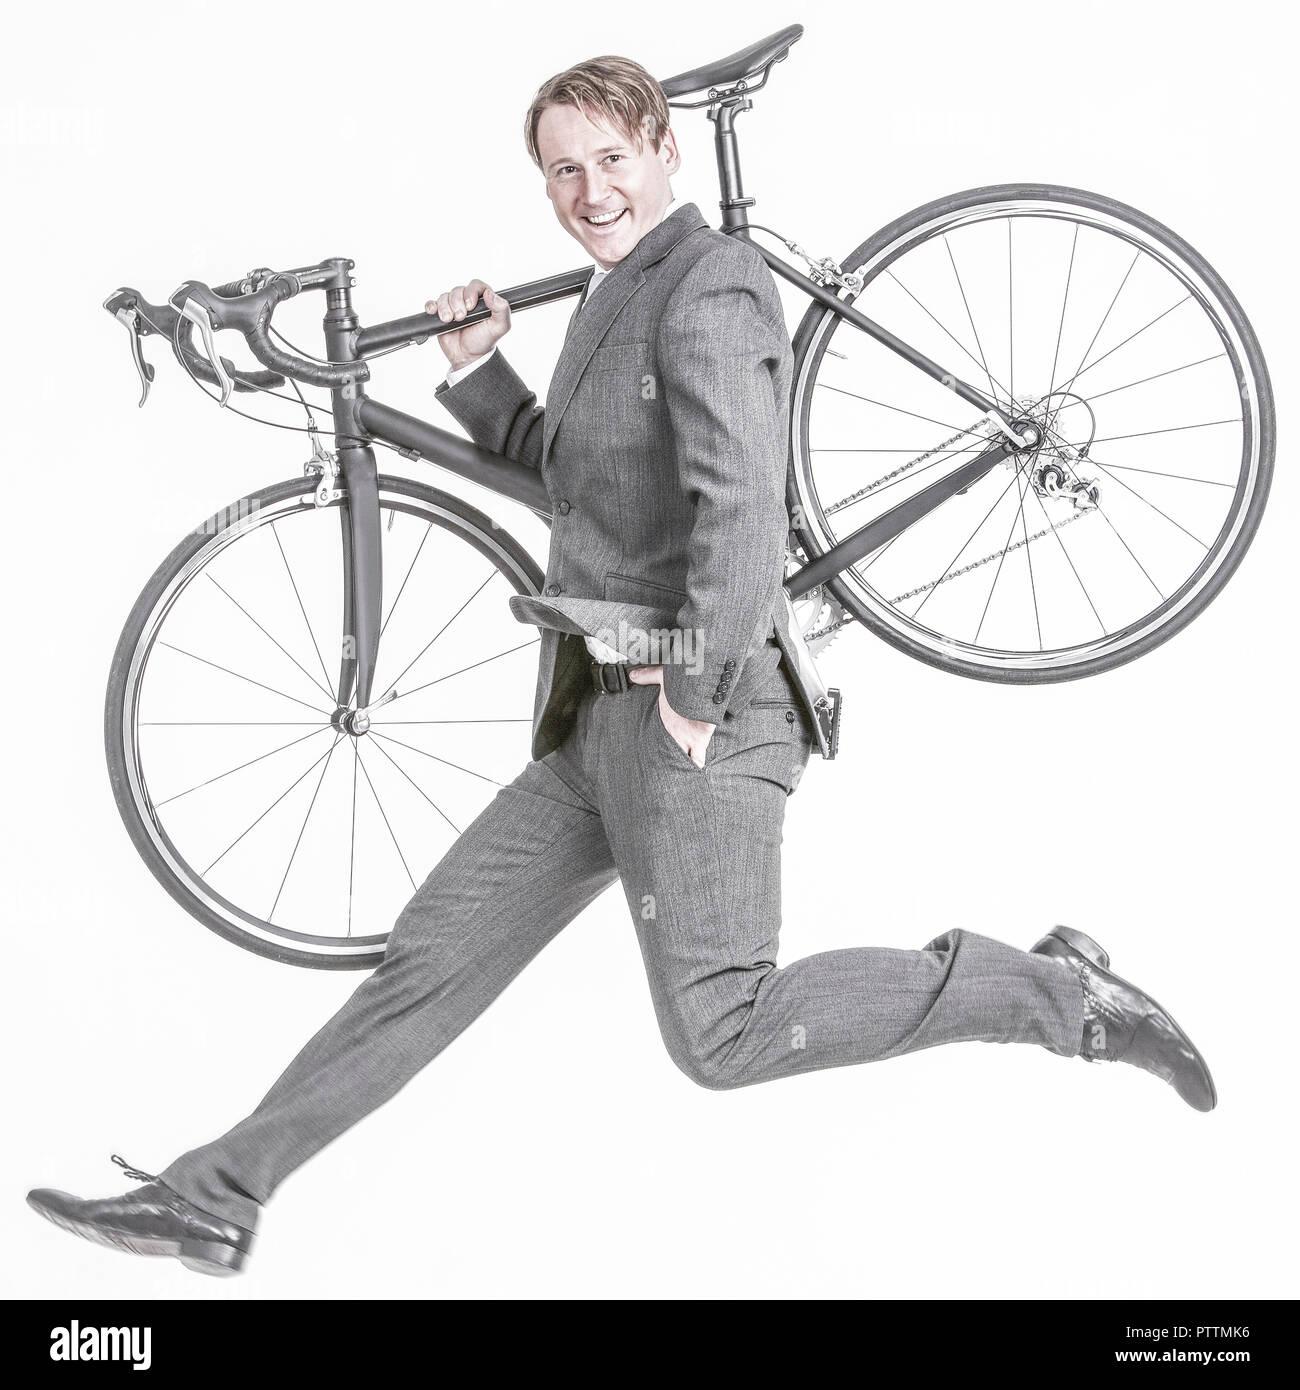 Businessmann traegt sein Rennrad und springt (model-released) - Stock Image